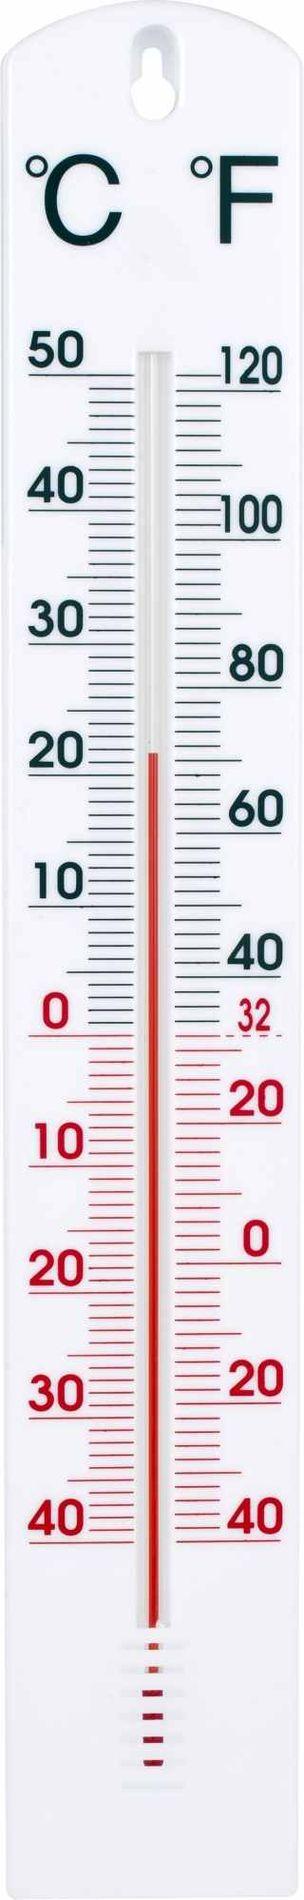 Teploměr -40° až +50°